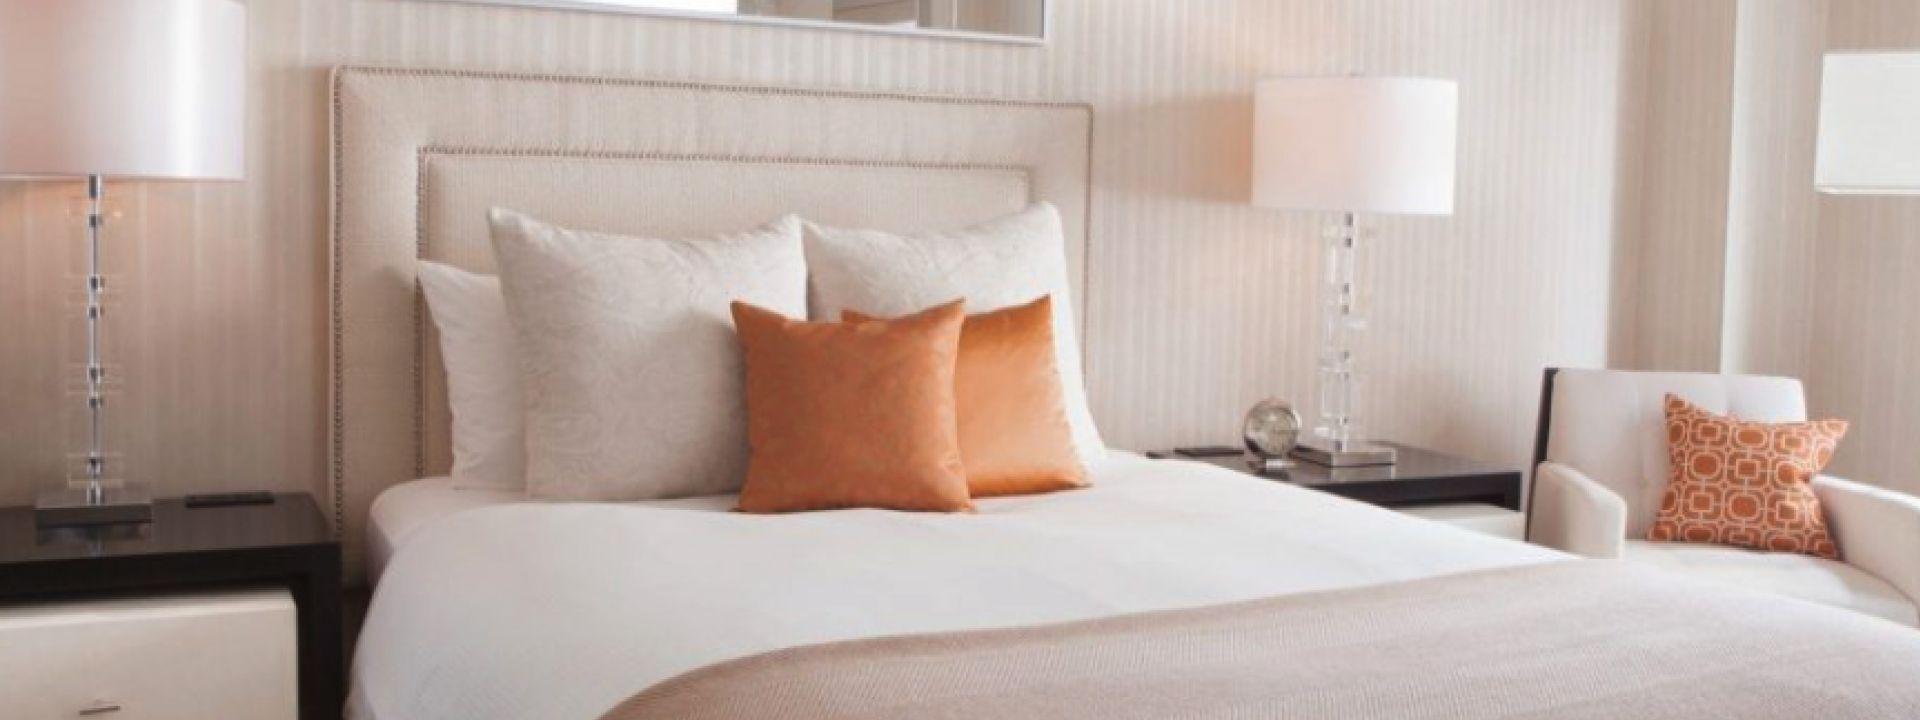 Queen bed at The Benjamin